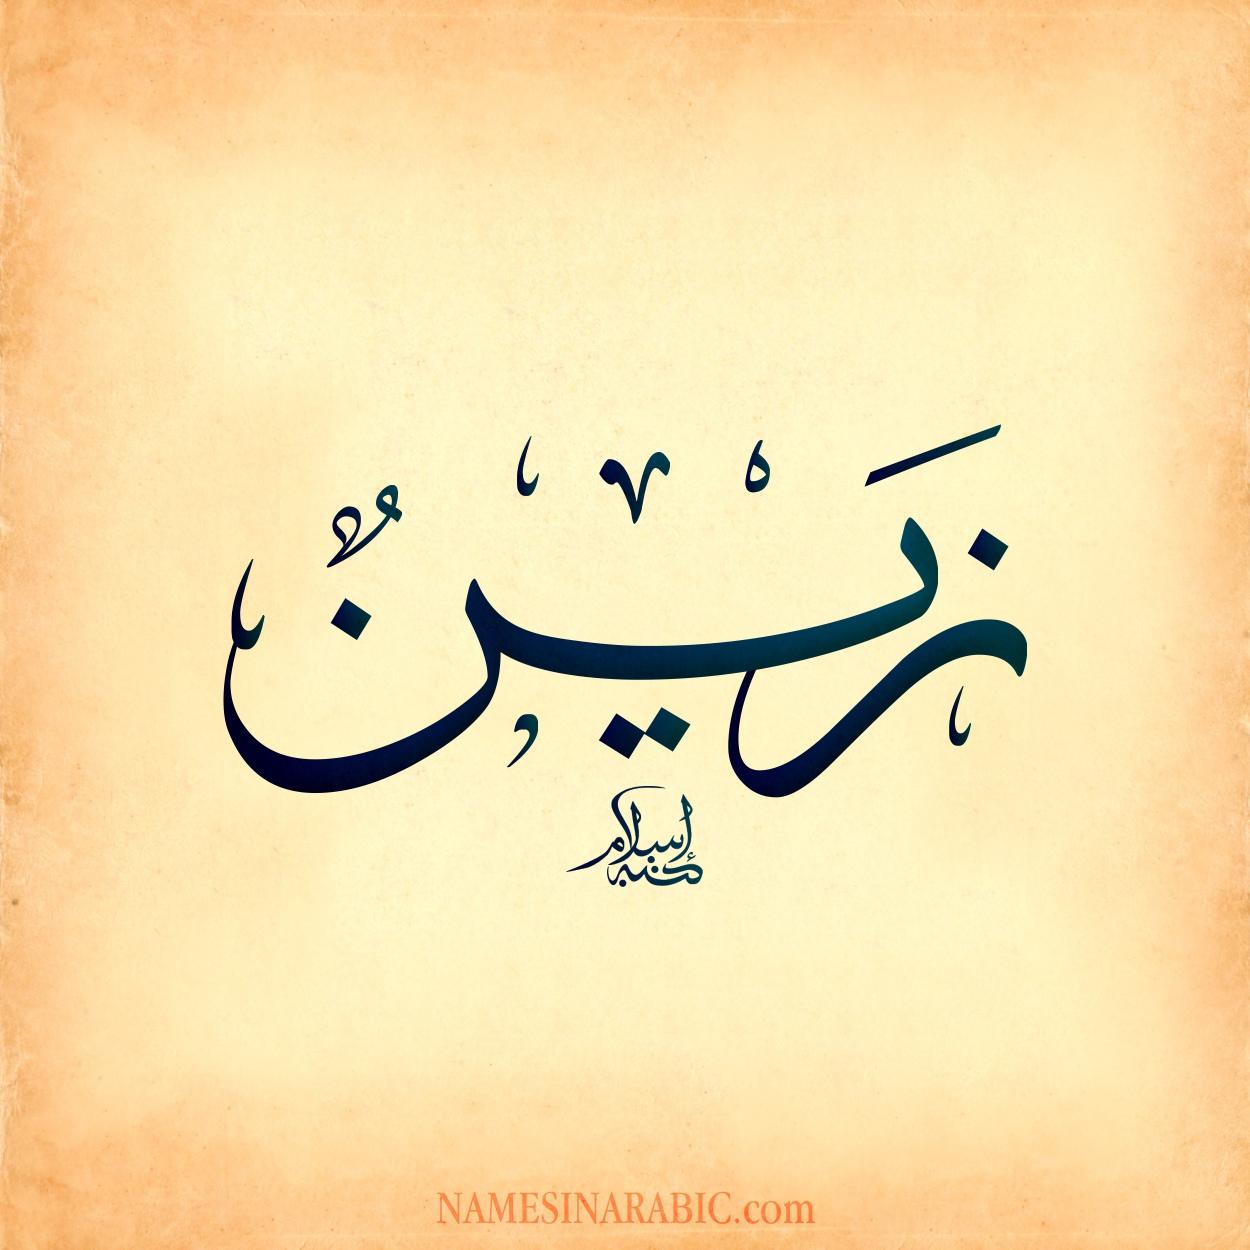 ameaningnames.net_Diwani_Zain_Name_in_Arabic_Calligraphy.jpg